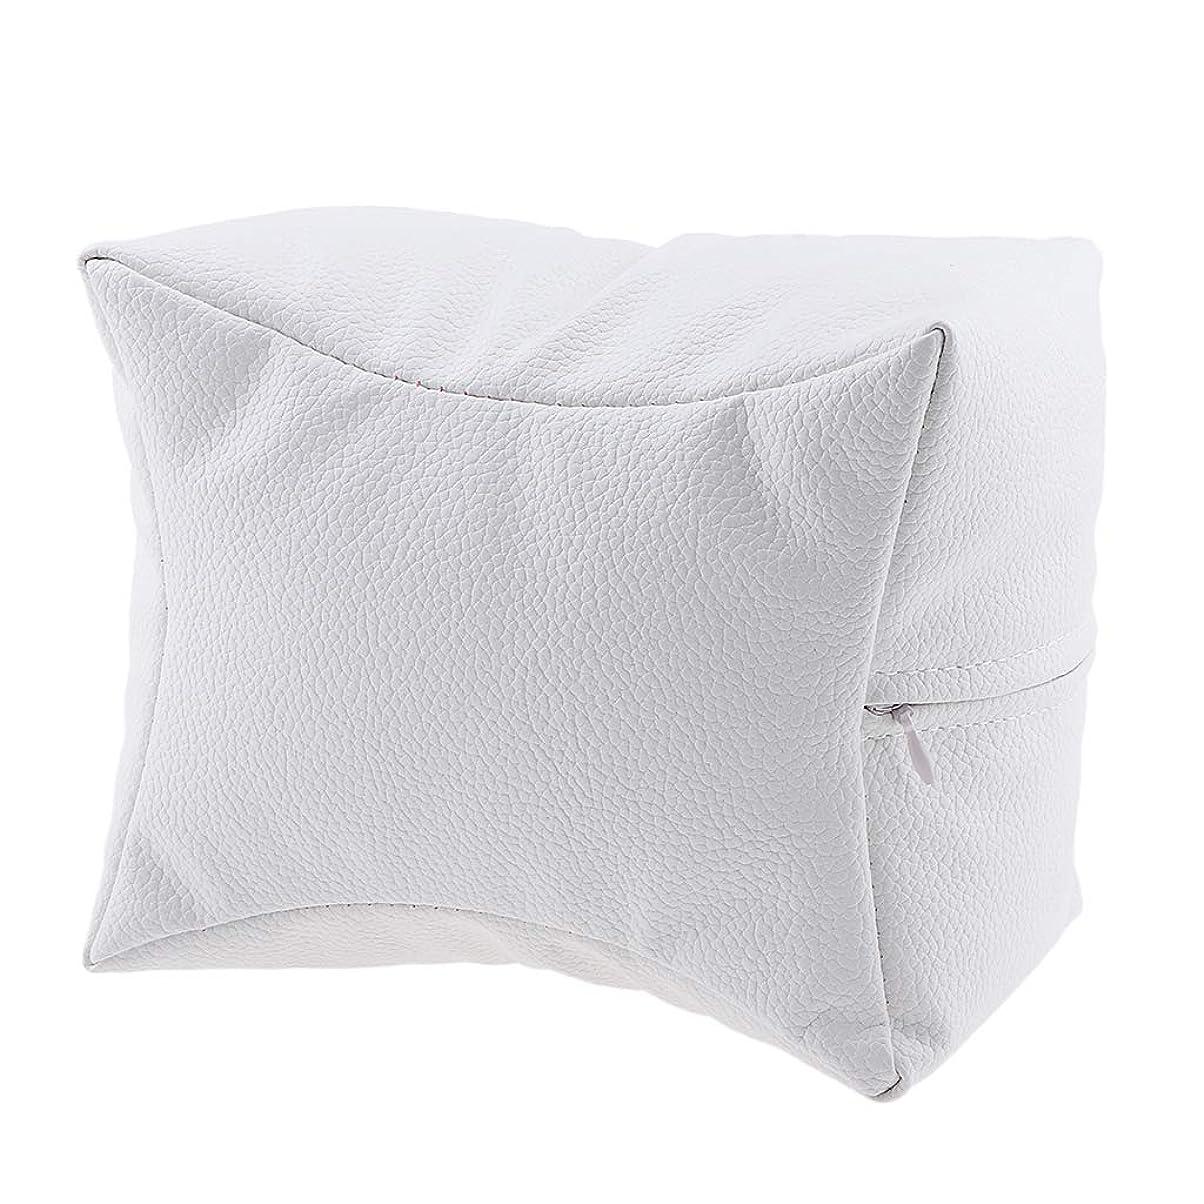 義務付けられたグリル疑問に思うP Prettyia ネイルハンドピロー プロ ネイルサロン 手枕 レストピロー ネイルケア 4色選べ - 白